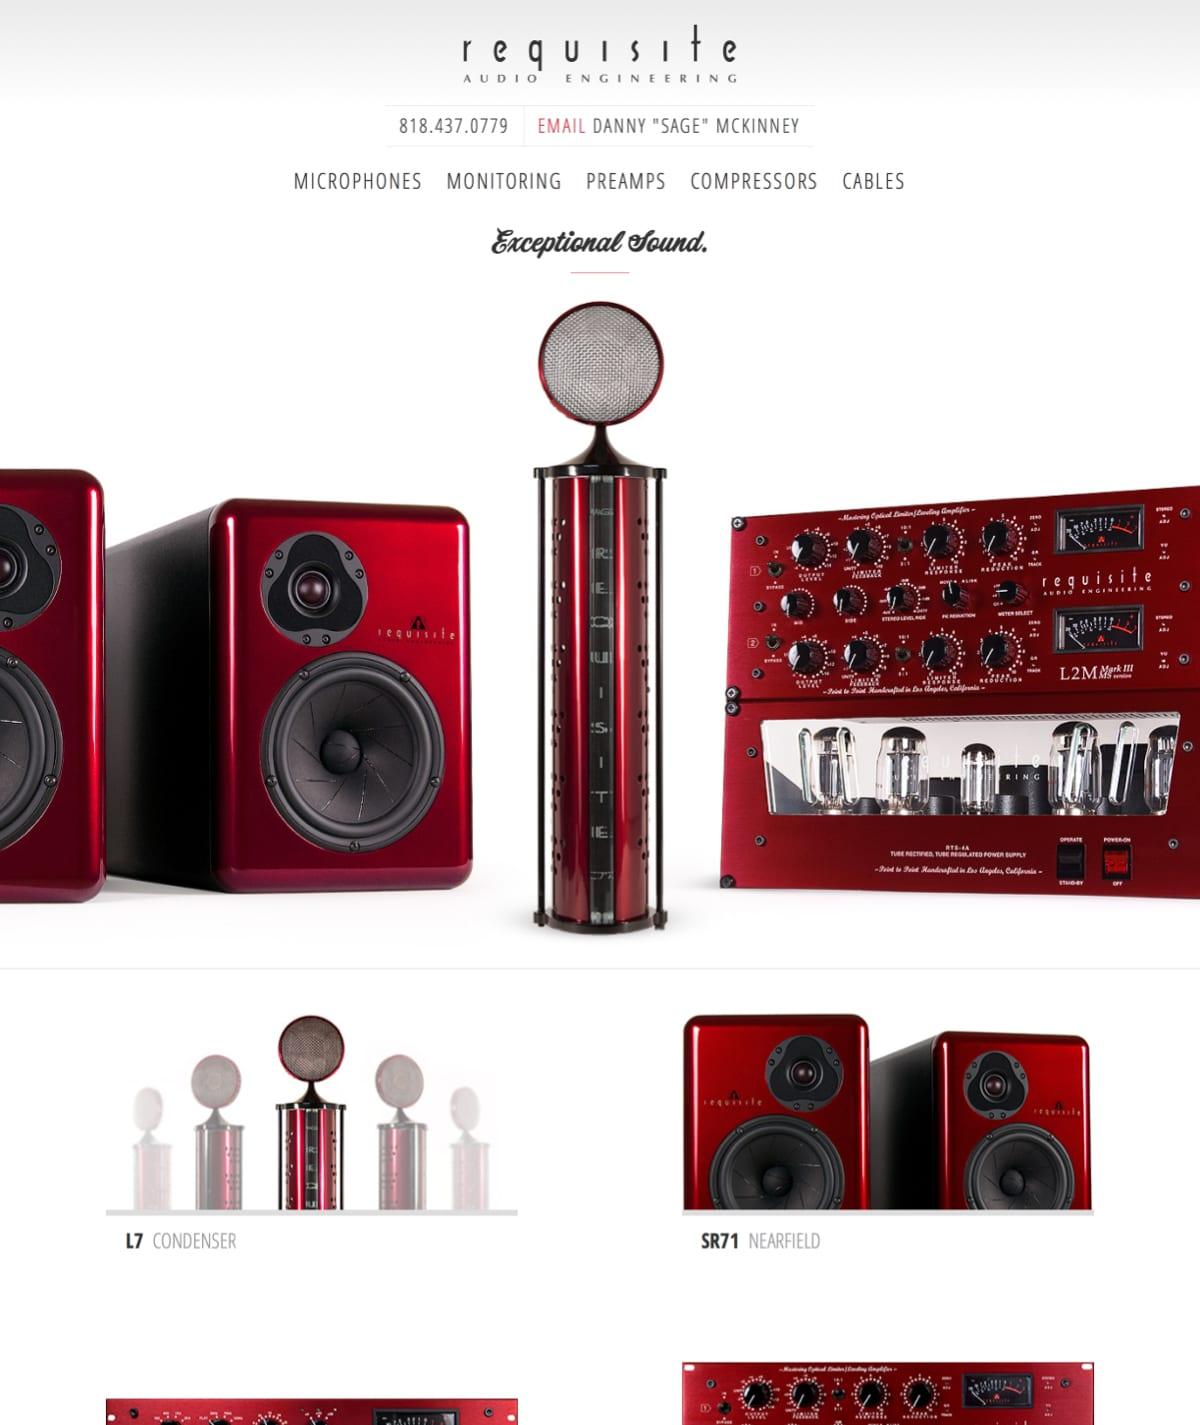 Boise web design - Requisite Audio